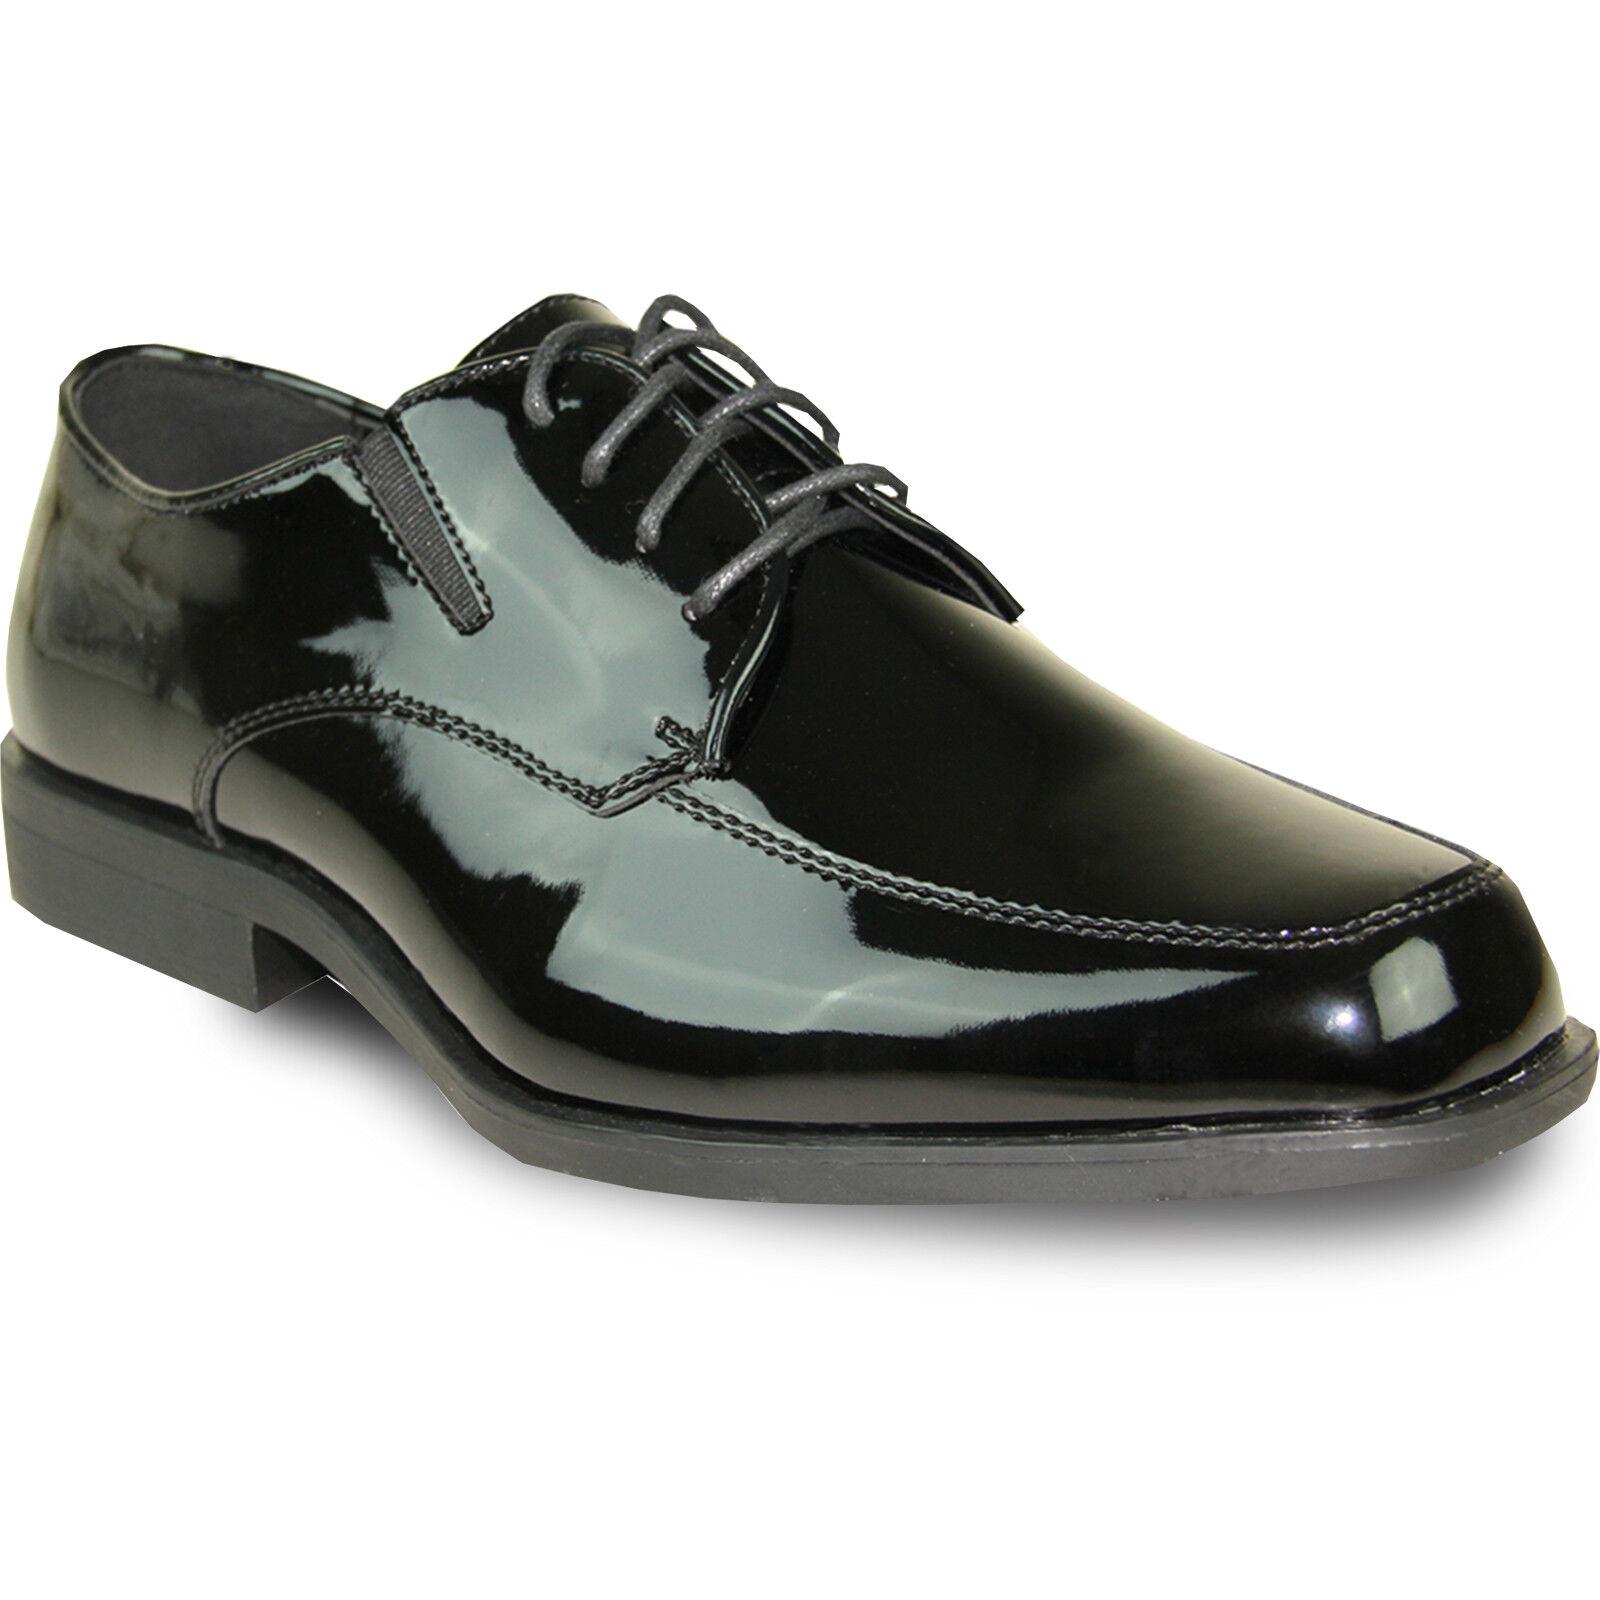 Vangelo Nuevo Hombre Zapato de vestido tux-7 Moe Smoking Para Evento Formal Moe tux-7 Toe Wrinkle Free bdbd9e